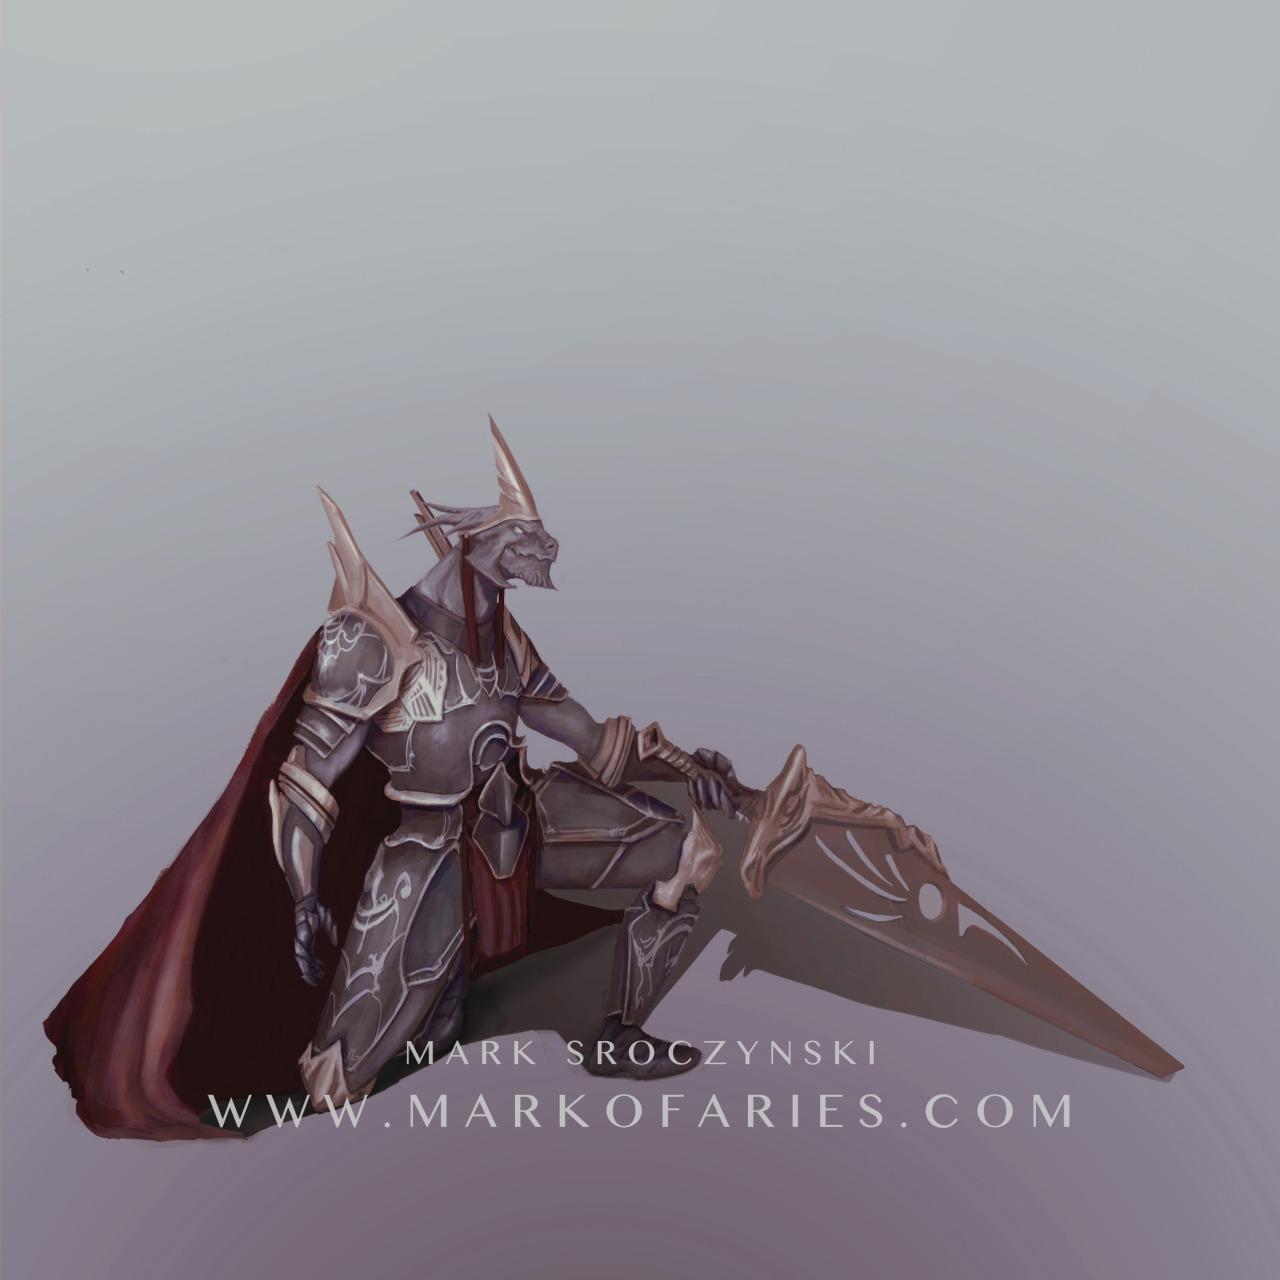 www.markofaries.com